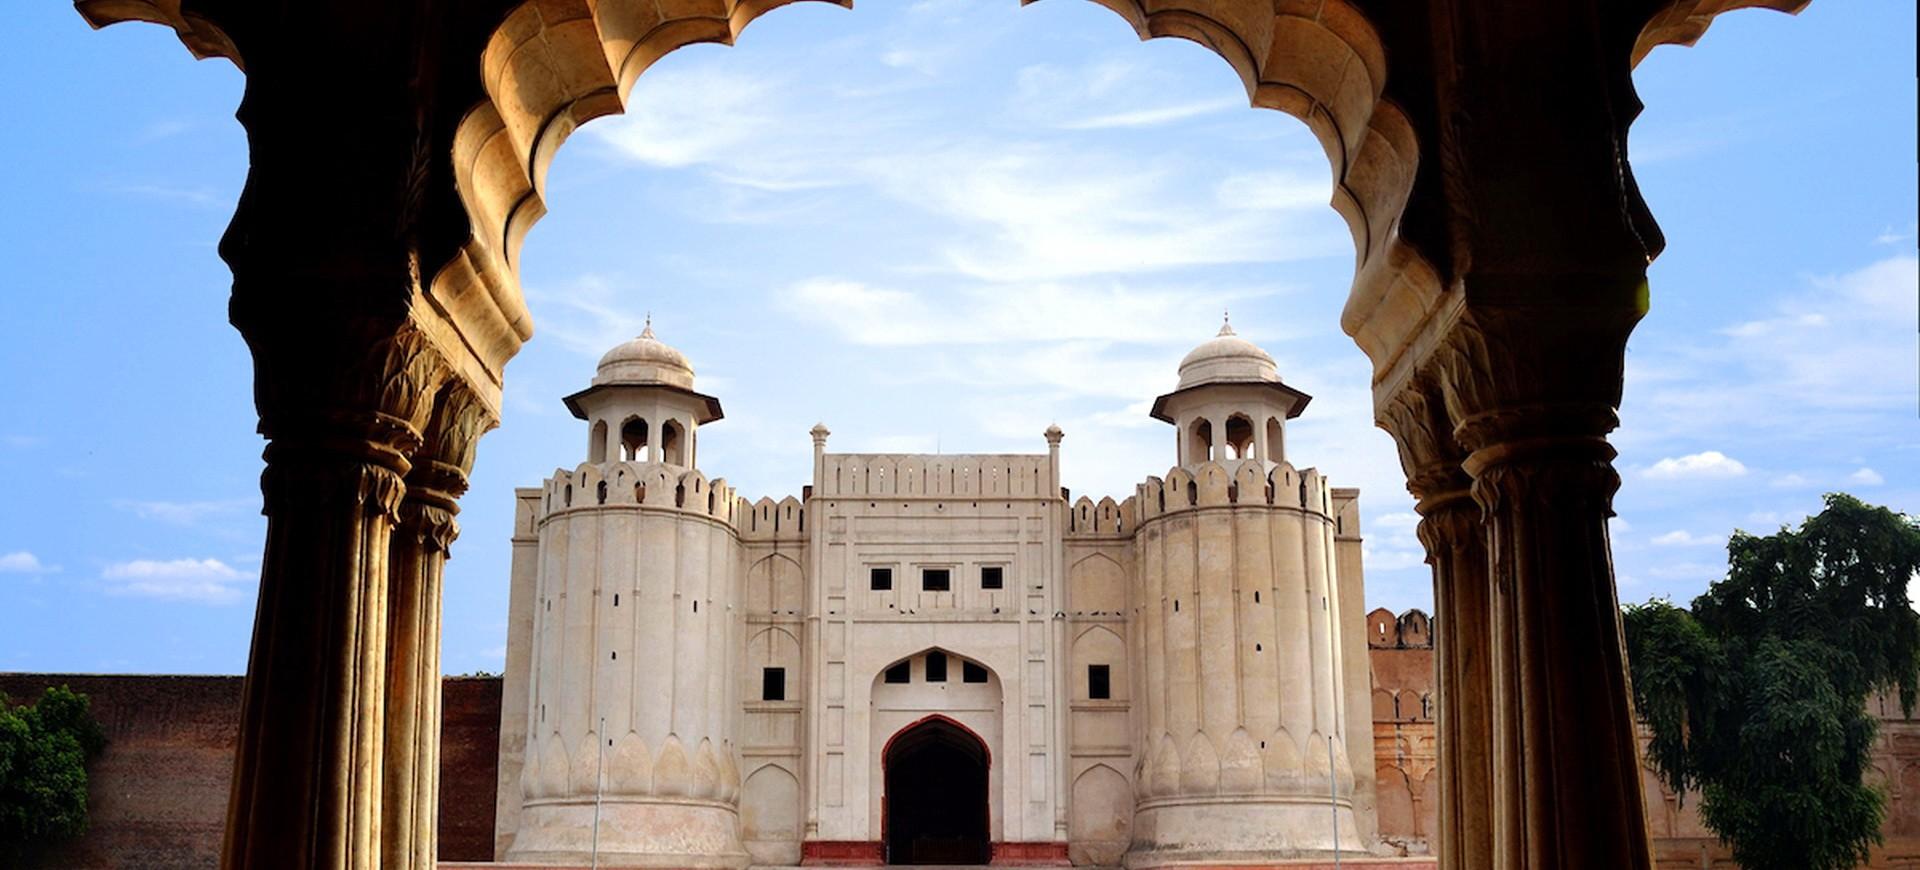 Le Fort ou la citadelle de Shahi Qila construit par l'empereur Moghol Shah Jahan à Lahore